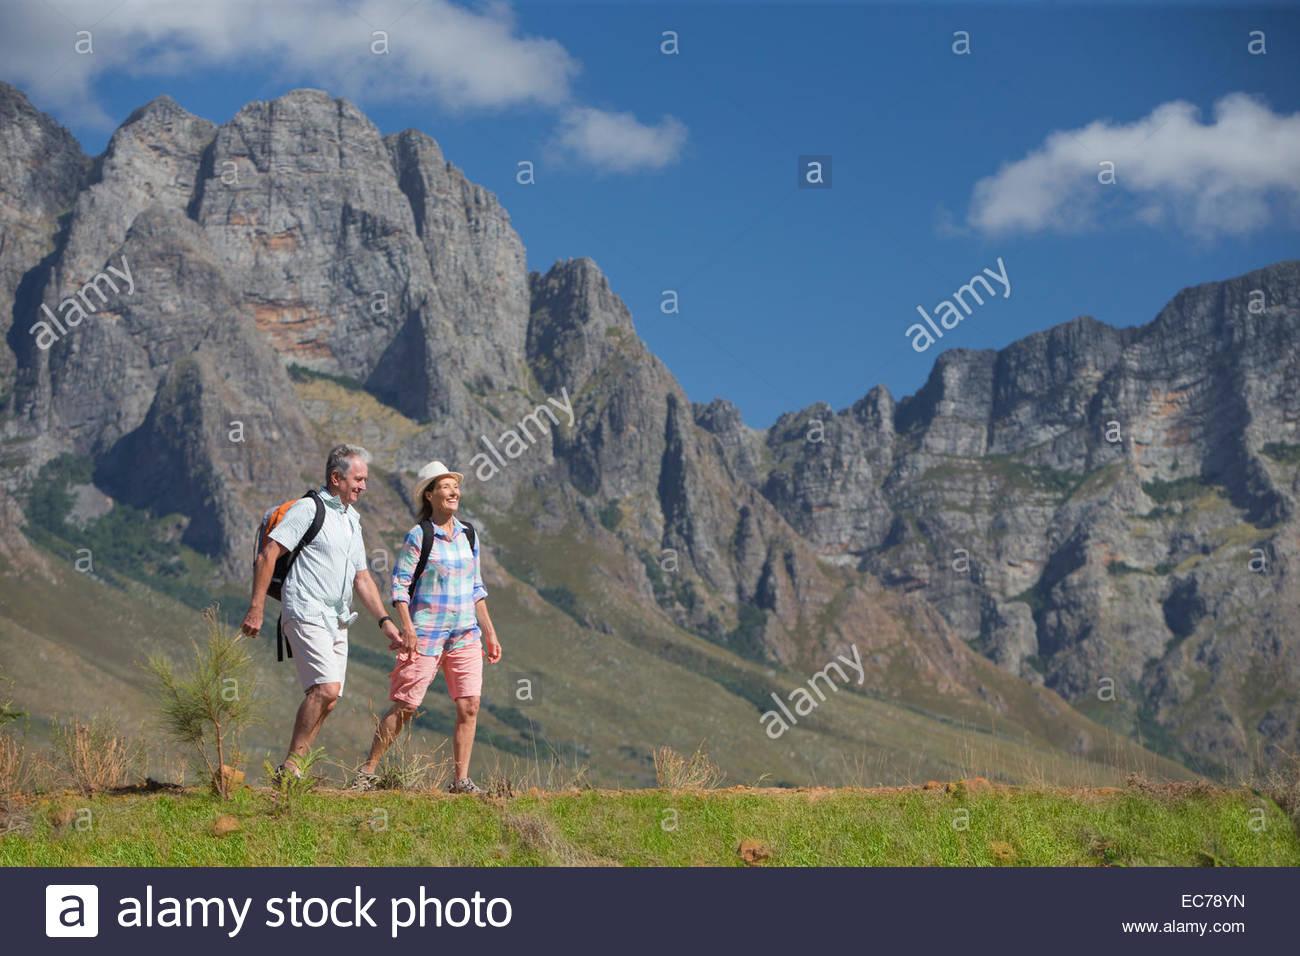 Excursión pareja senior en camino de montaña. Imagen De Stock